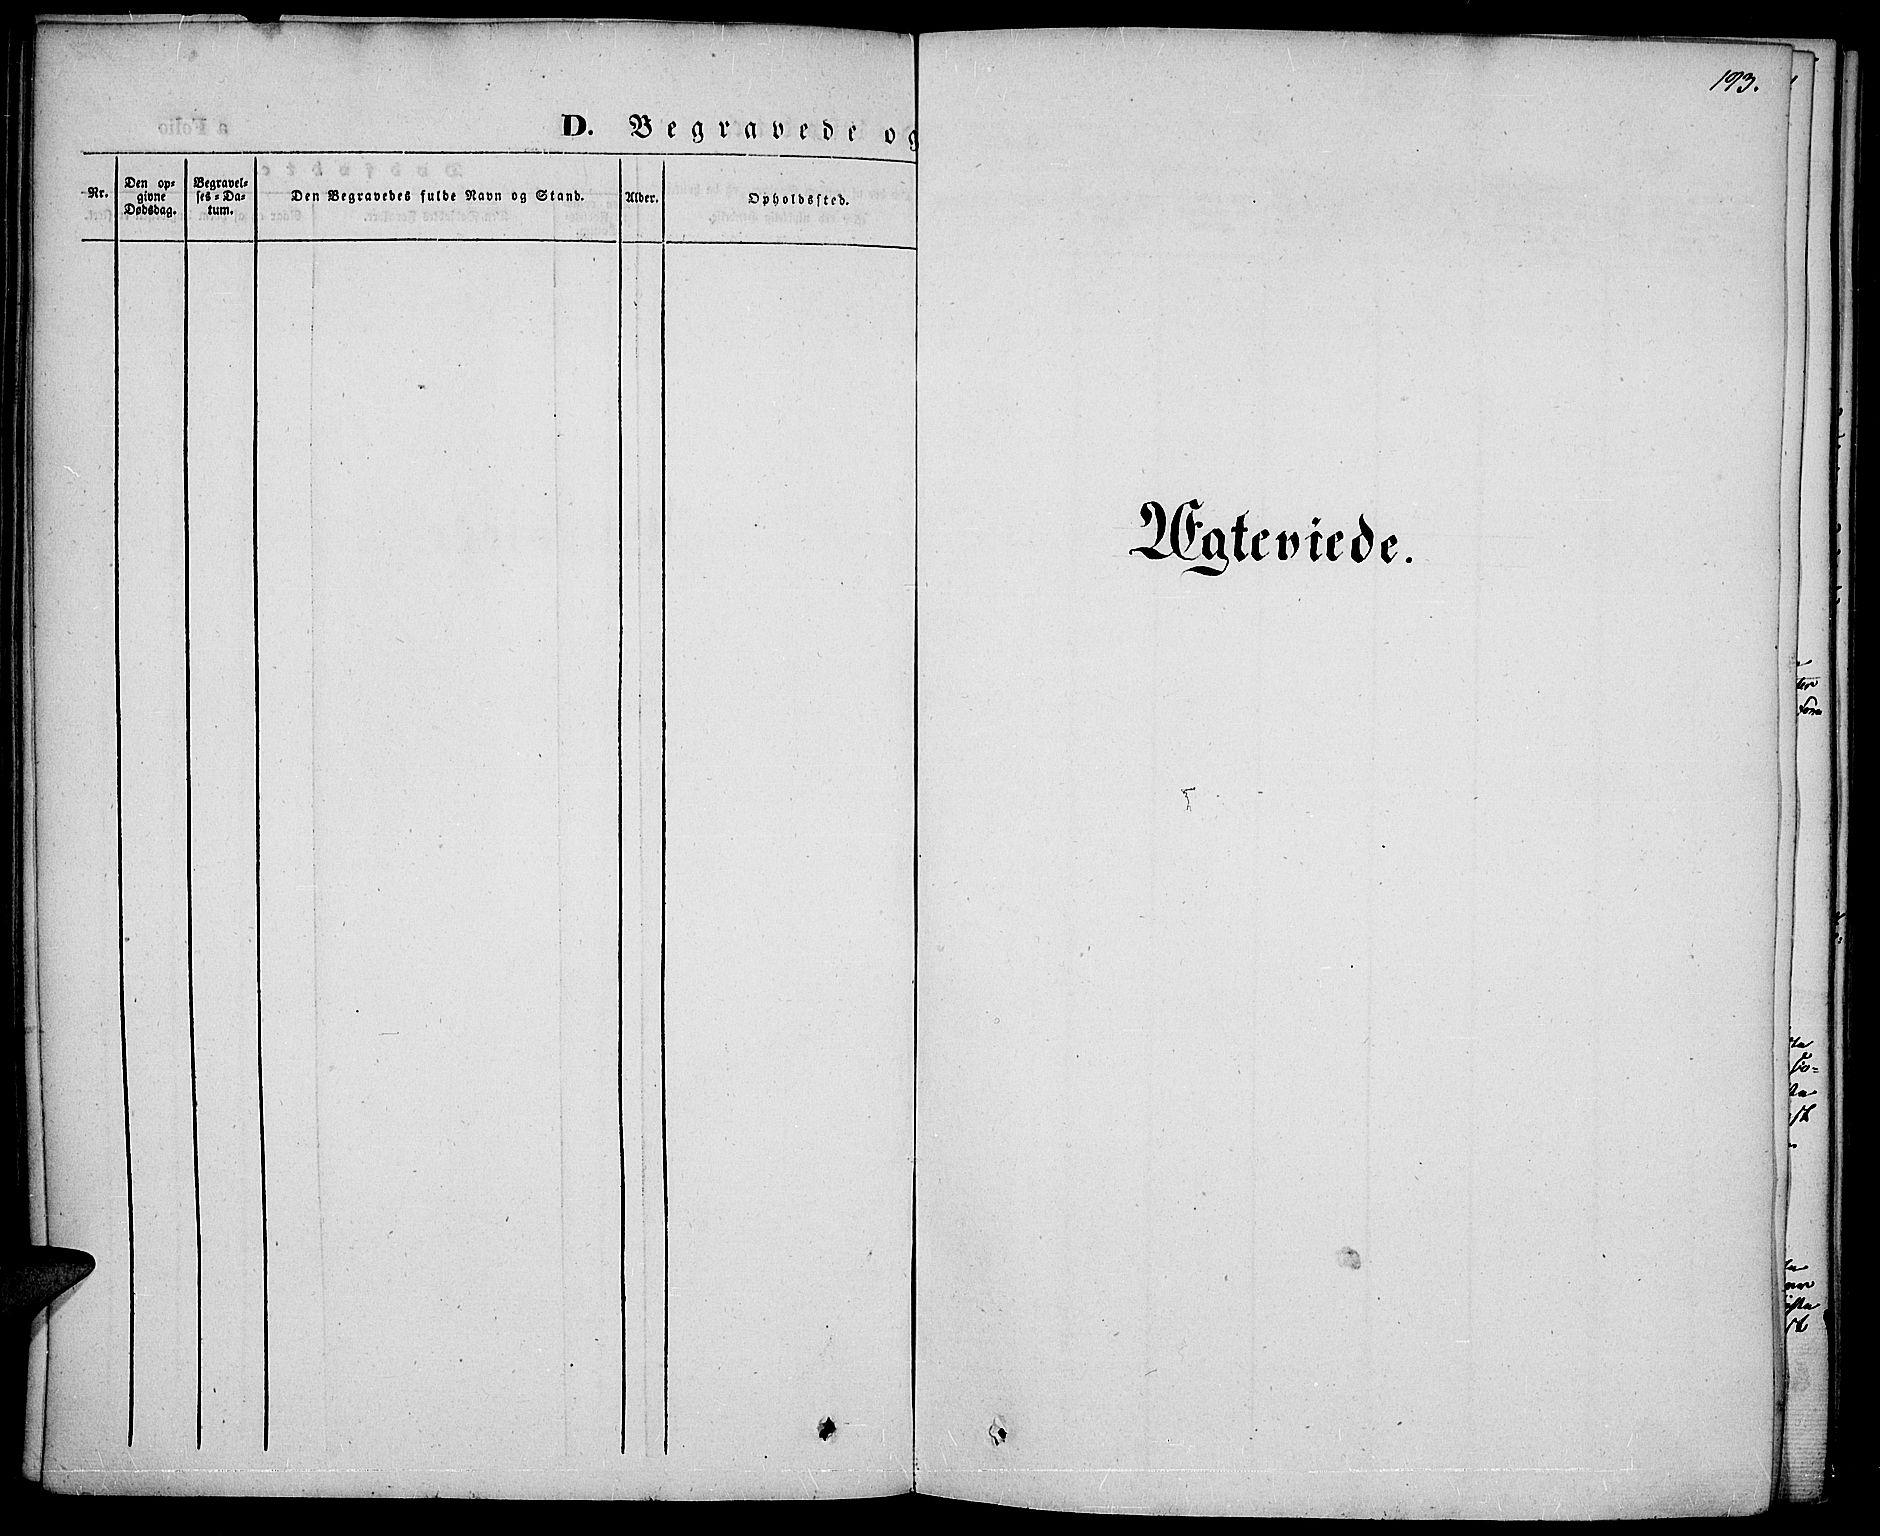 SAH, Vestre Toten prestekontor, Ministerialbok nr. 4, 1844-1849, s. 193